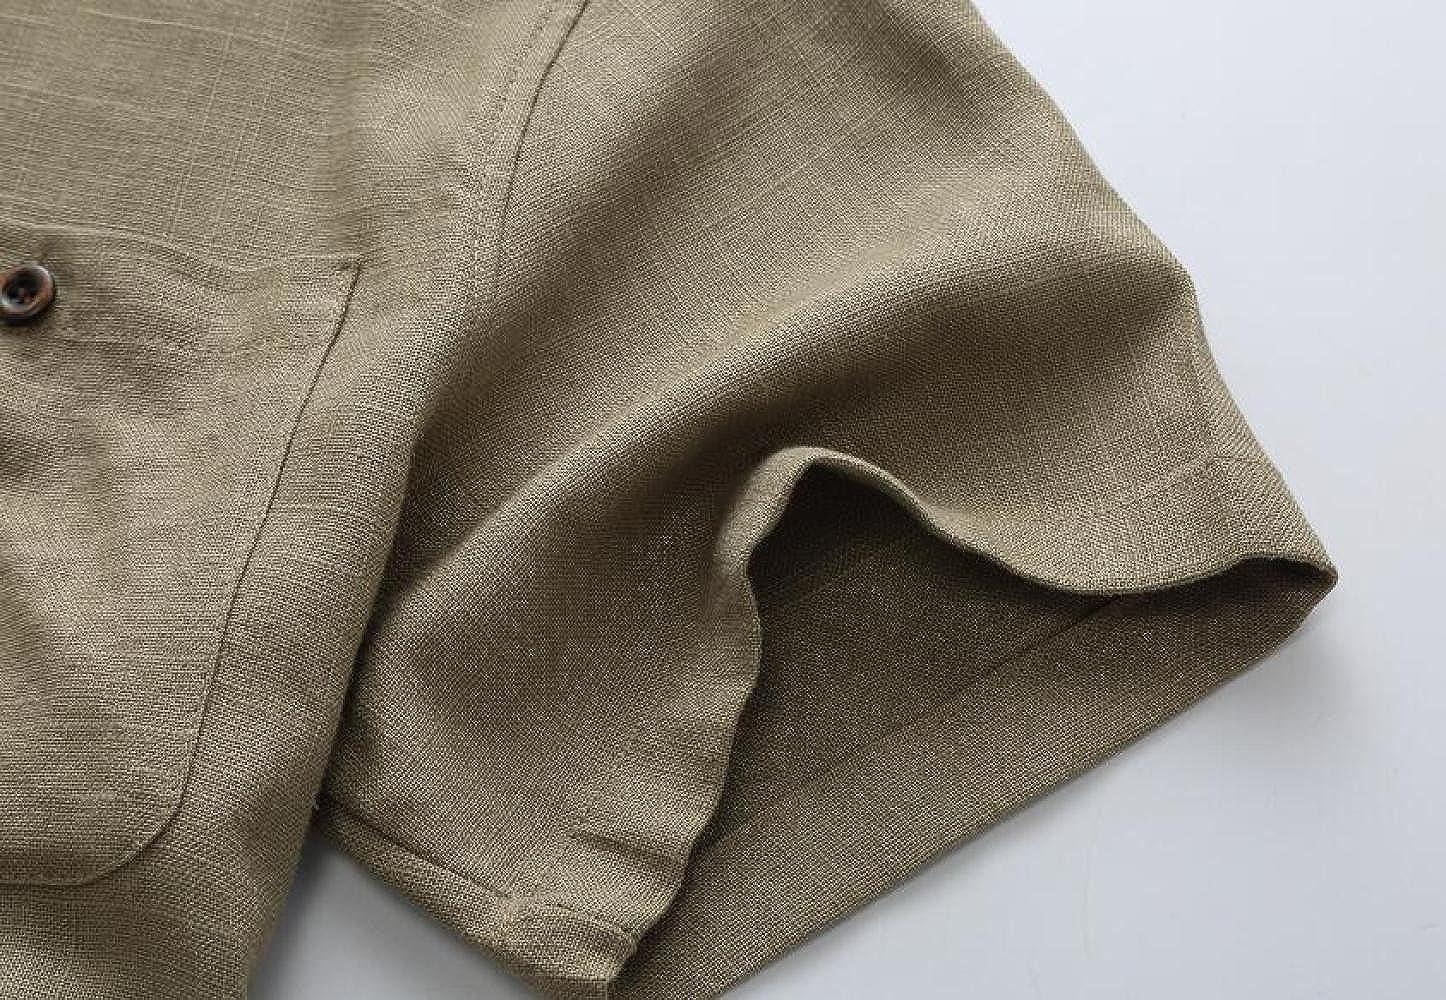 Herrenhemden Herrenhemden Herrenhemden Leinen Lose Halbe Hülse Mode Button Down T-Shirt Europa Und Amerika B07CLNKF5G T-Shirts Ausreichende Versorgung 1cf4de